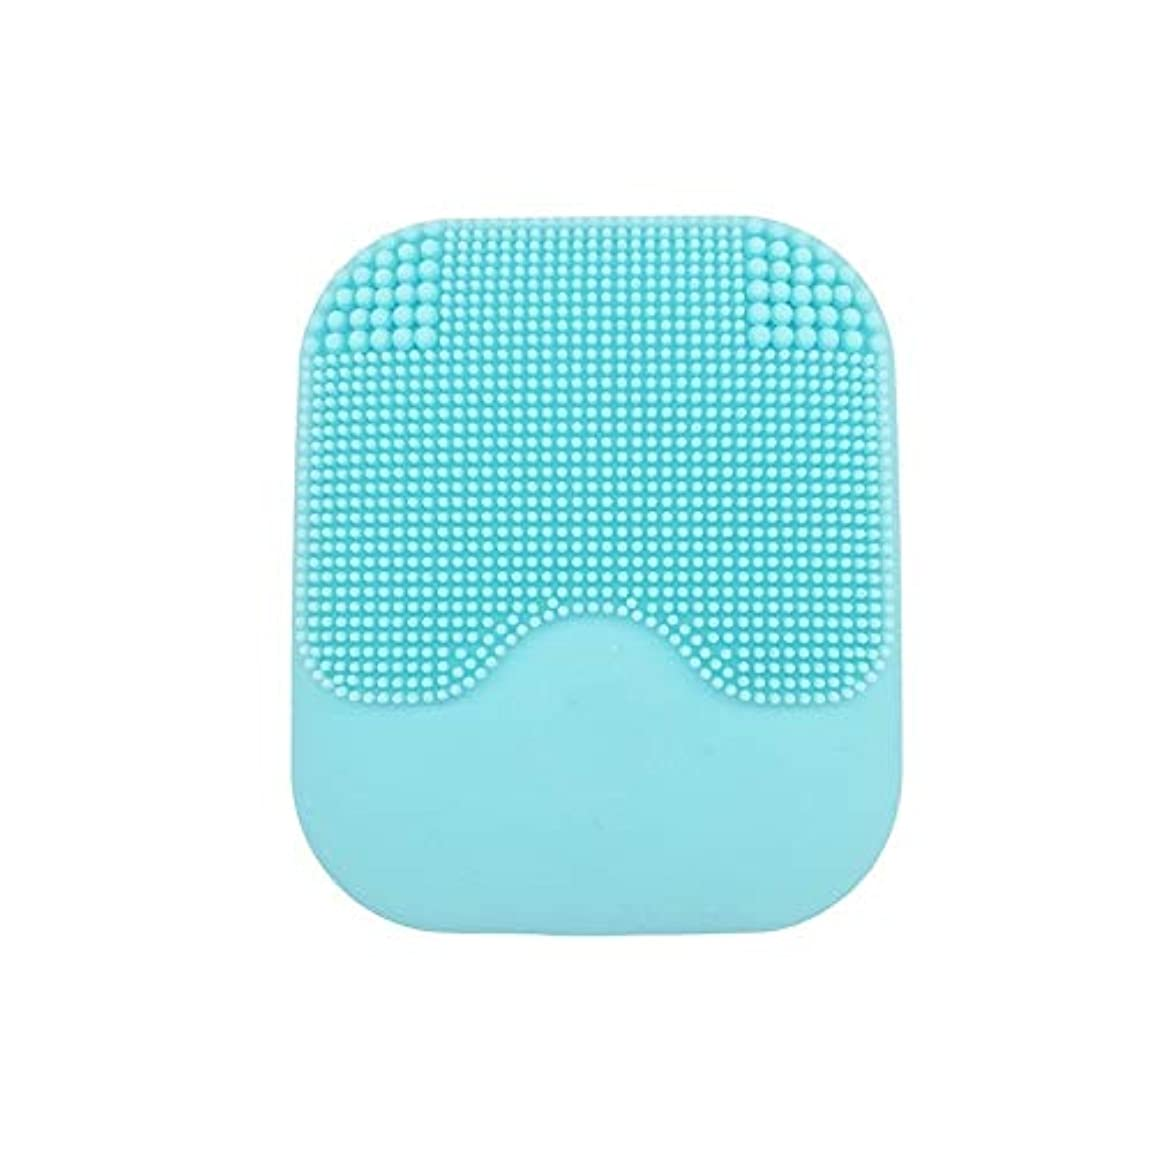 かごブリーフケース逃れるシリコン洗顔ブラシ、スリースピード調節可能な防水充電式ひげエレクトリック顔ブラシ顔面にきびスクラバーアンチエイジングスキンケア (Color : 青)